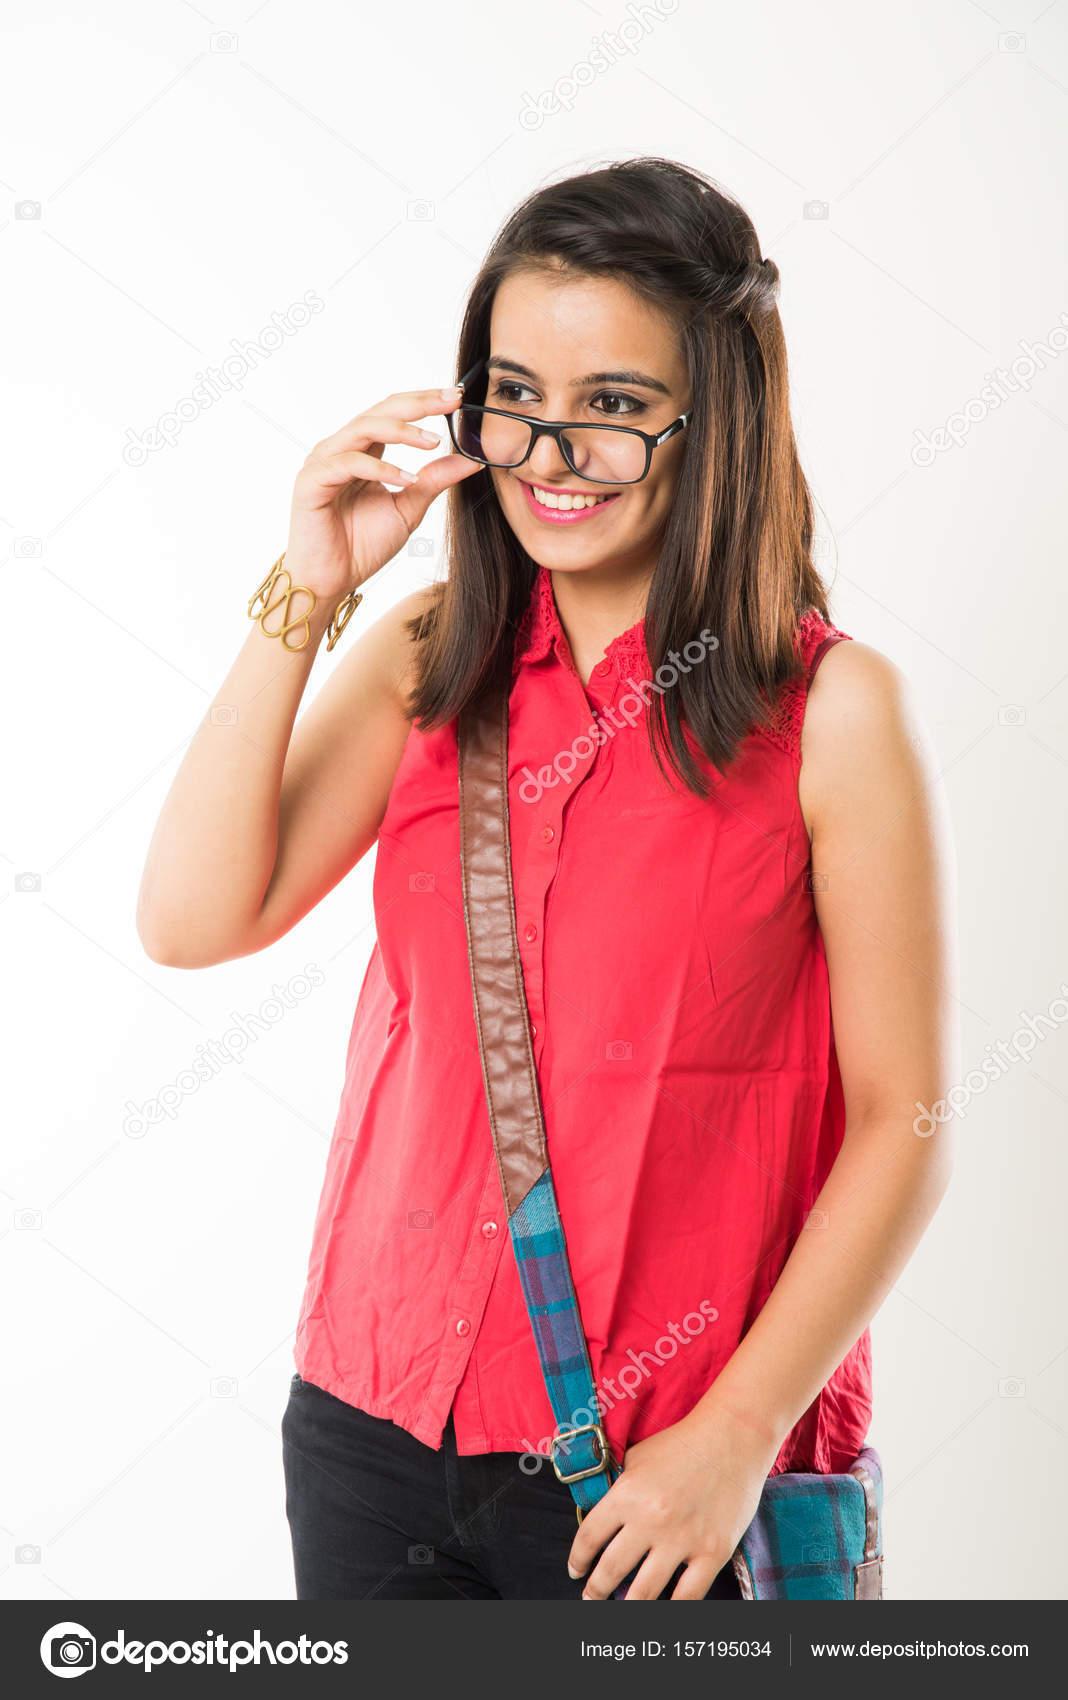 印度女大学生照片_好期待印度女大学生站在那儿,拿着书或不戴眼镜,在白色的 ...